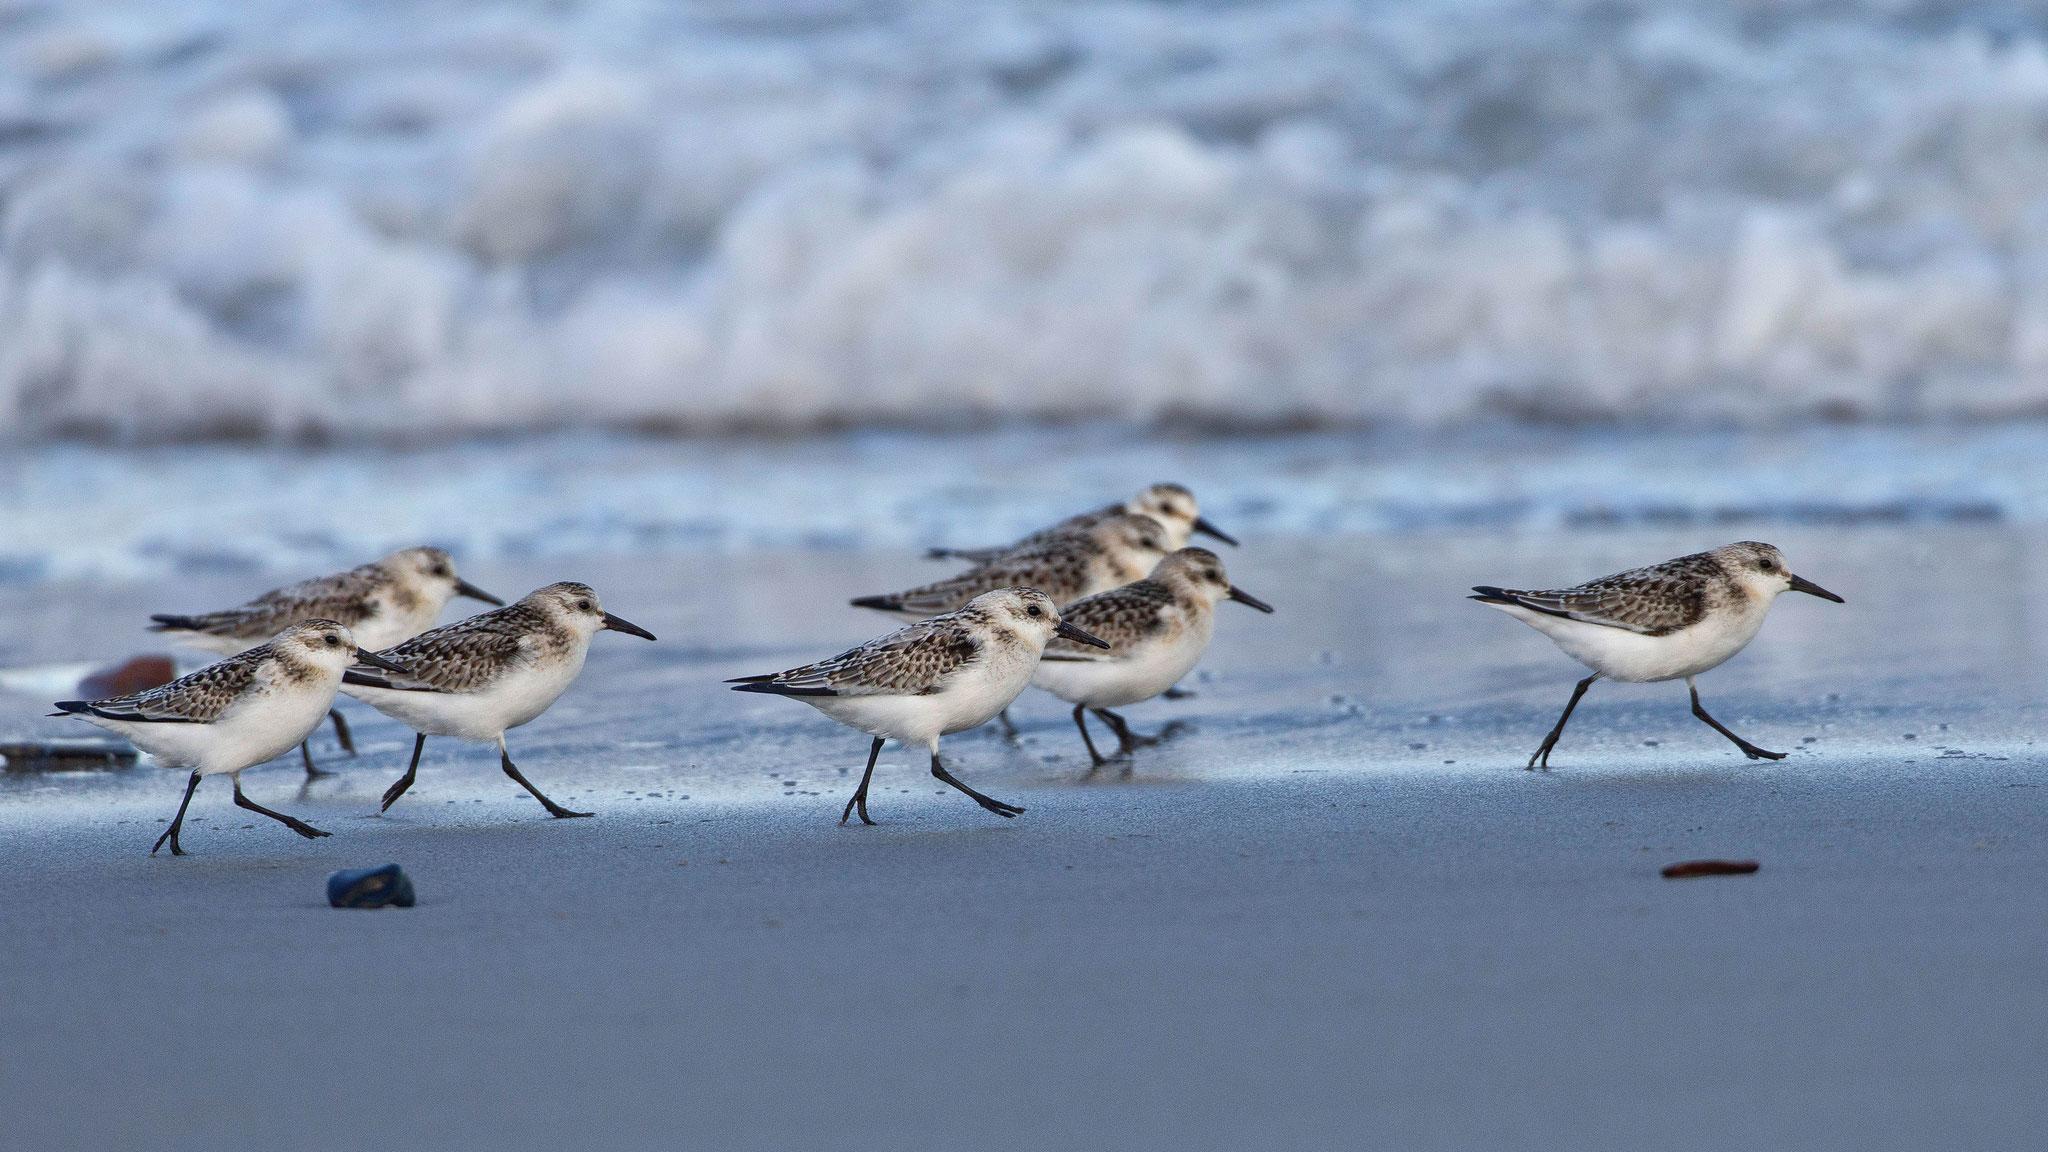 ... Trupps von Sanderligen, die meist auf dem überspülten Sandsaum herumlaufen